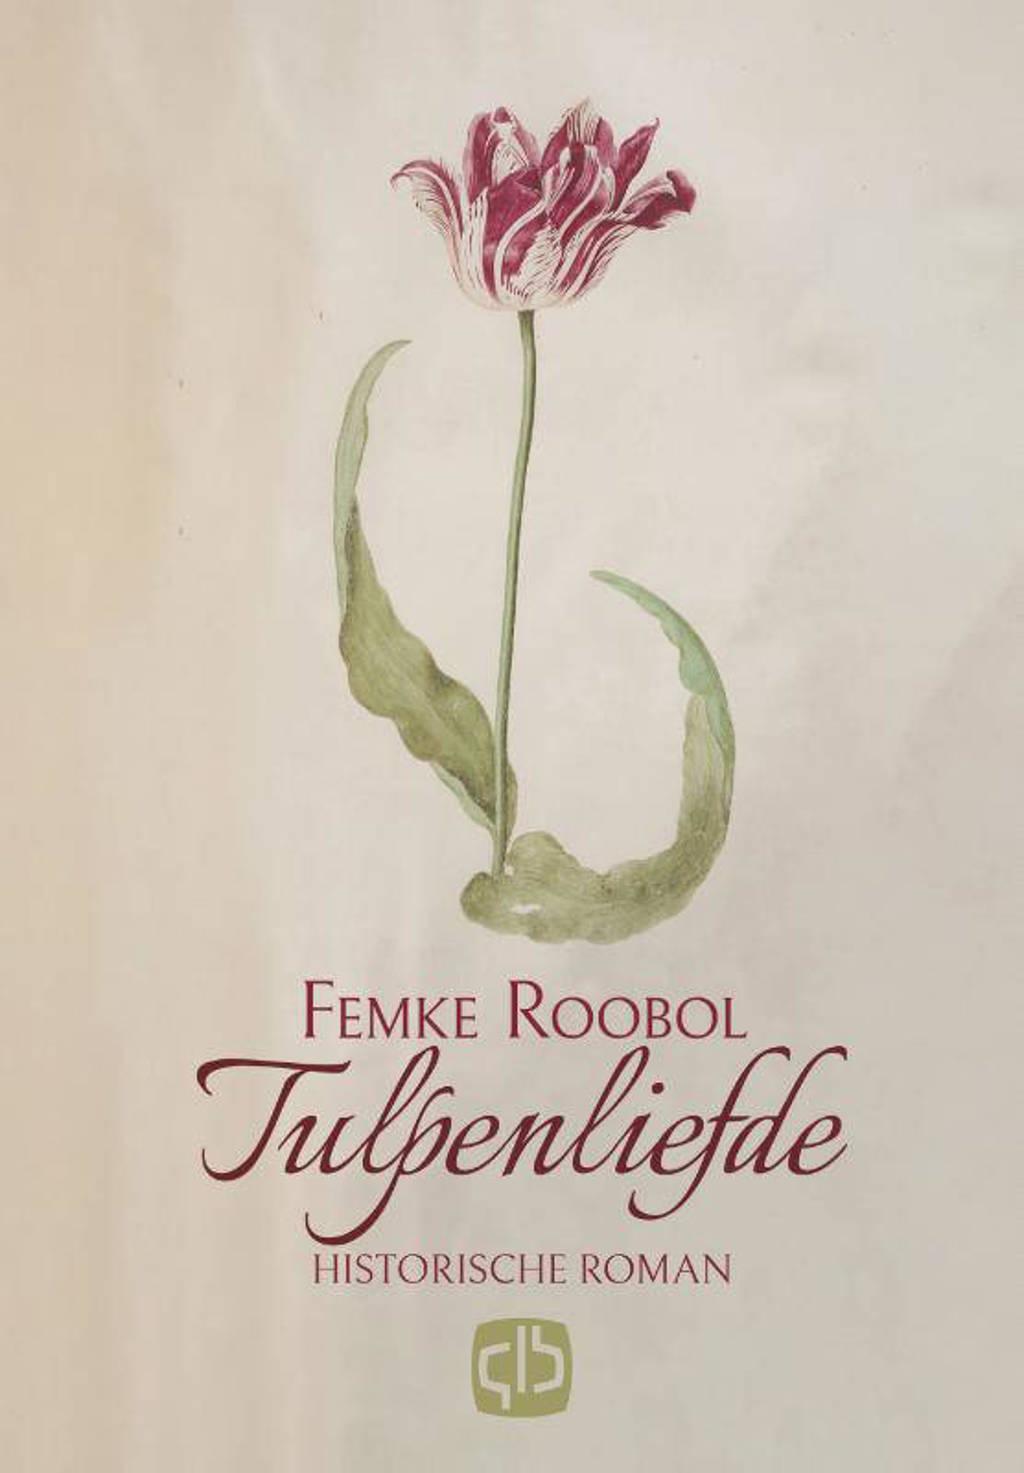 Tulpenliefde - Femke Roobol